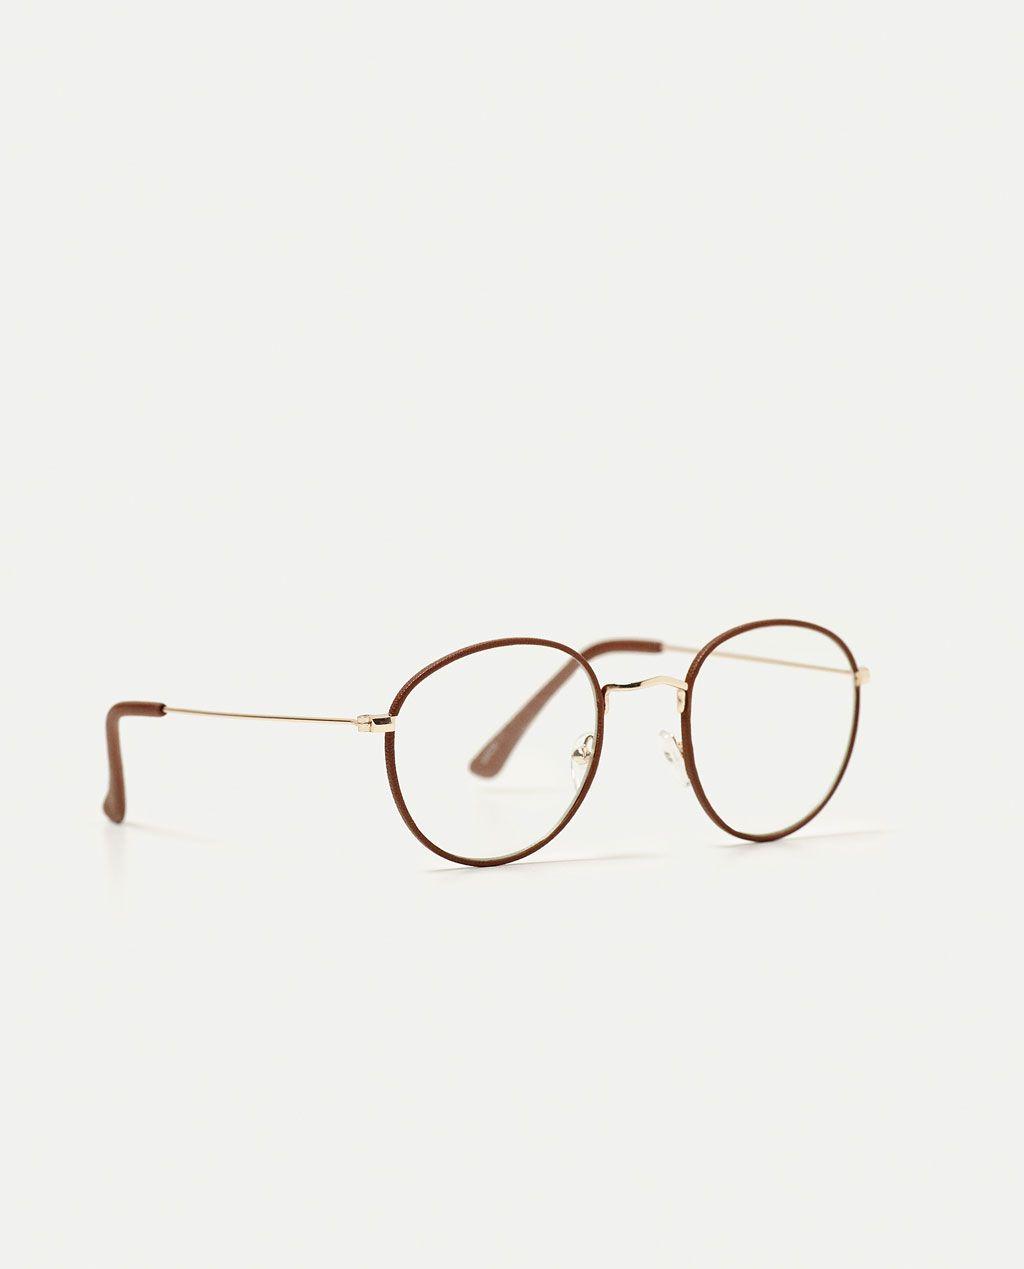 70166a37dc Imaxe 1 de LENTES VISTA REDONDAS de Zara | Fashion | Gafas redondas ...